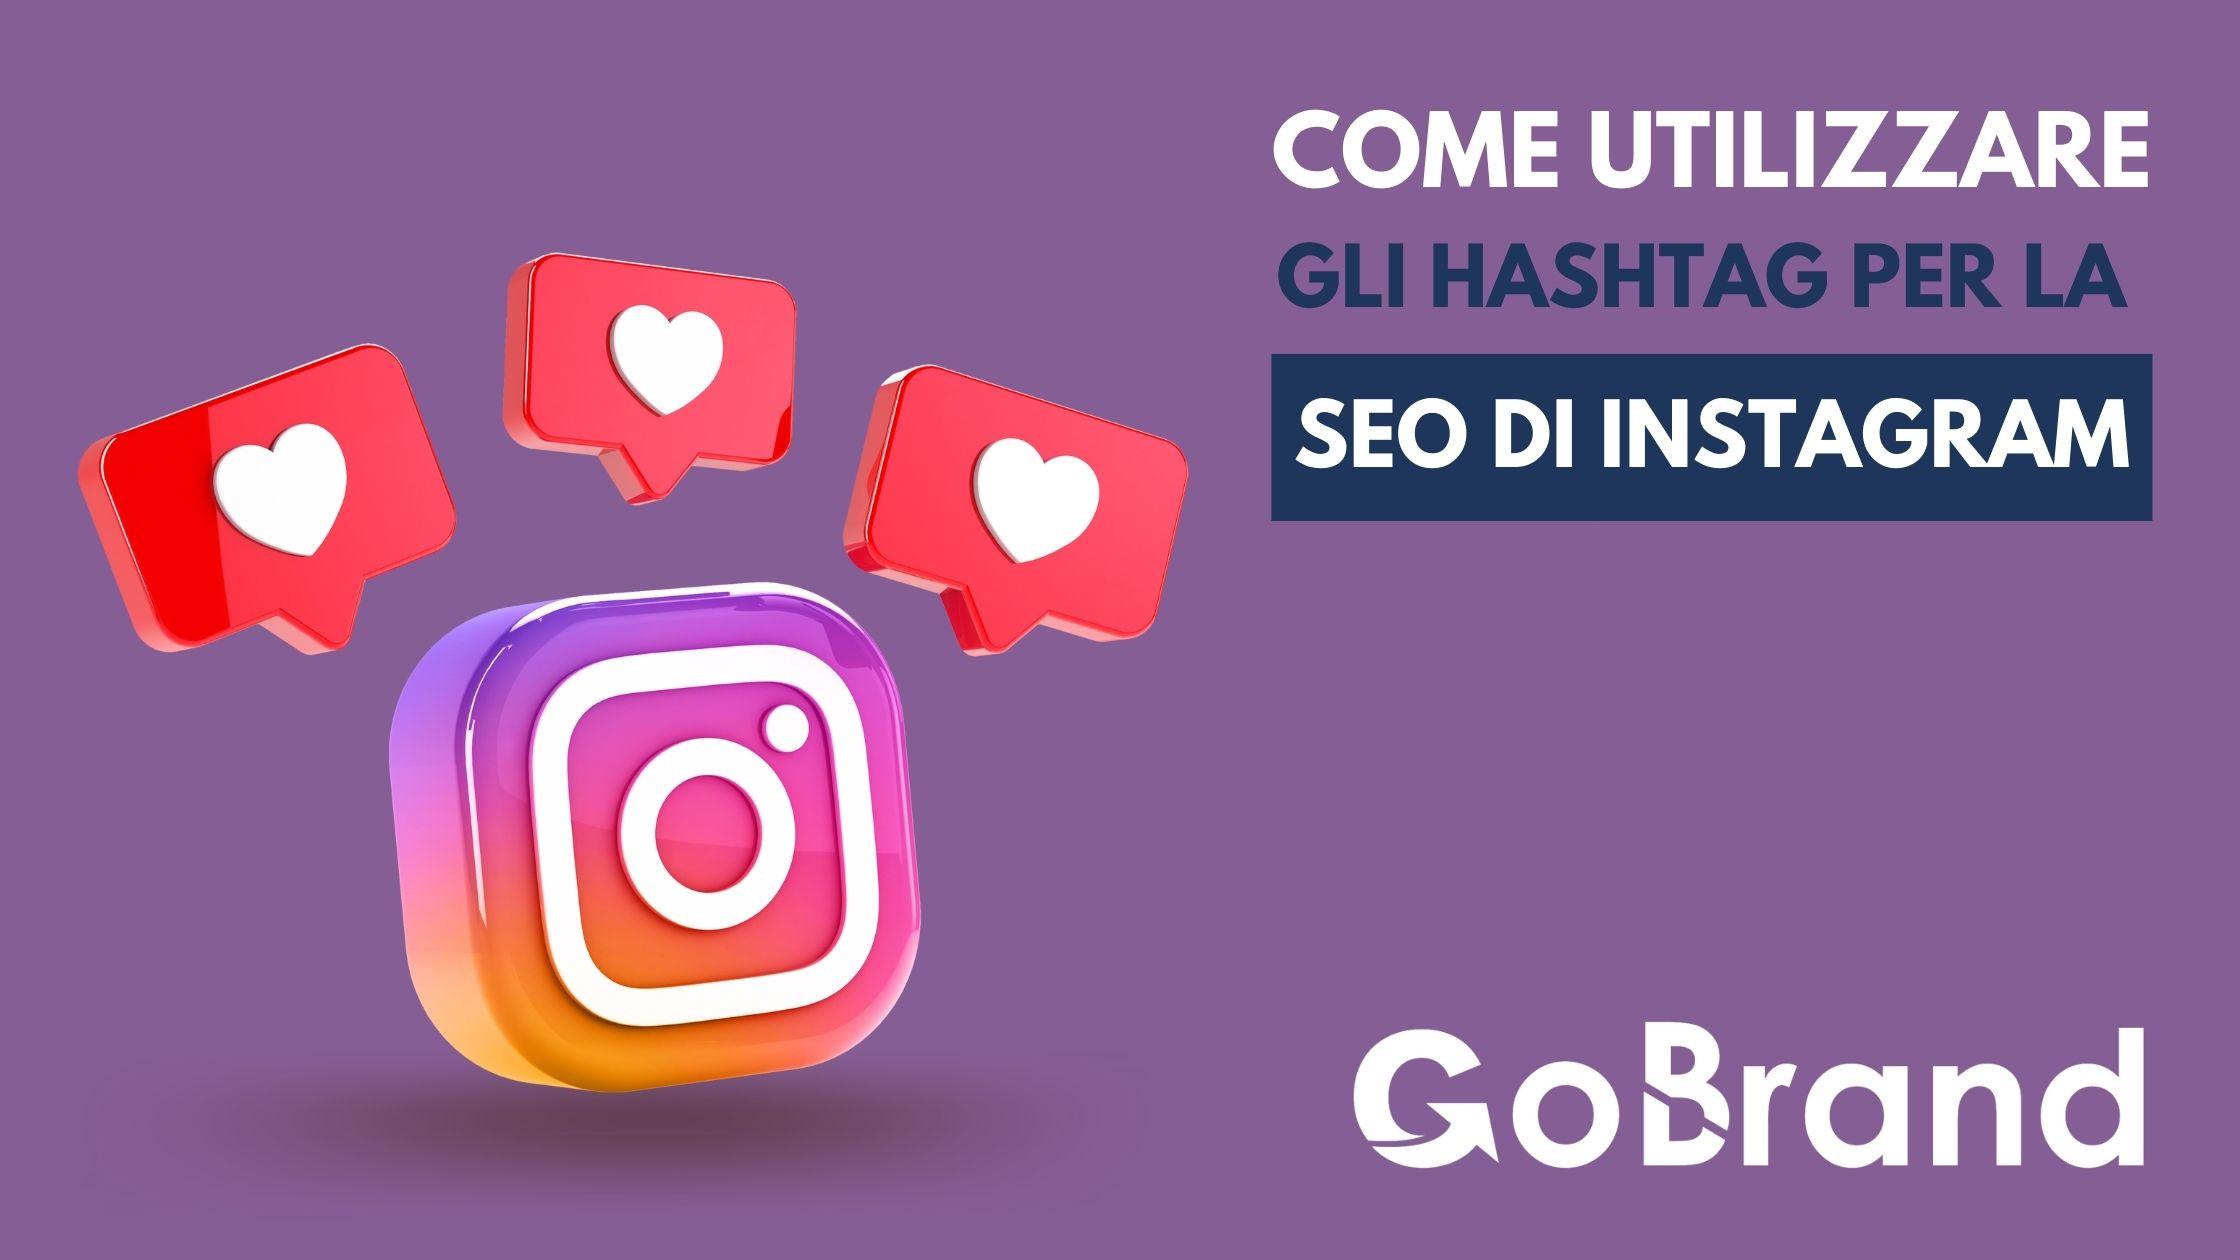 Utilizzare gli hashtag per la Seo di Instagram